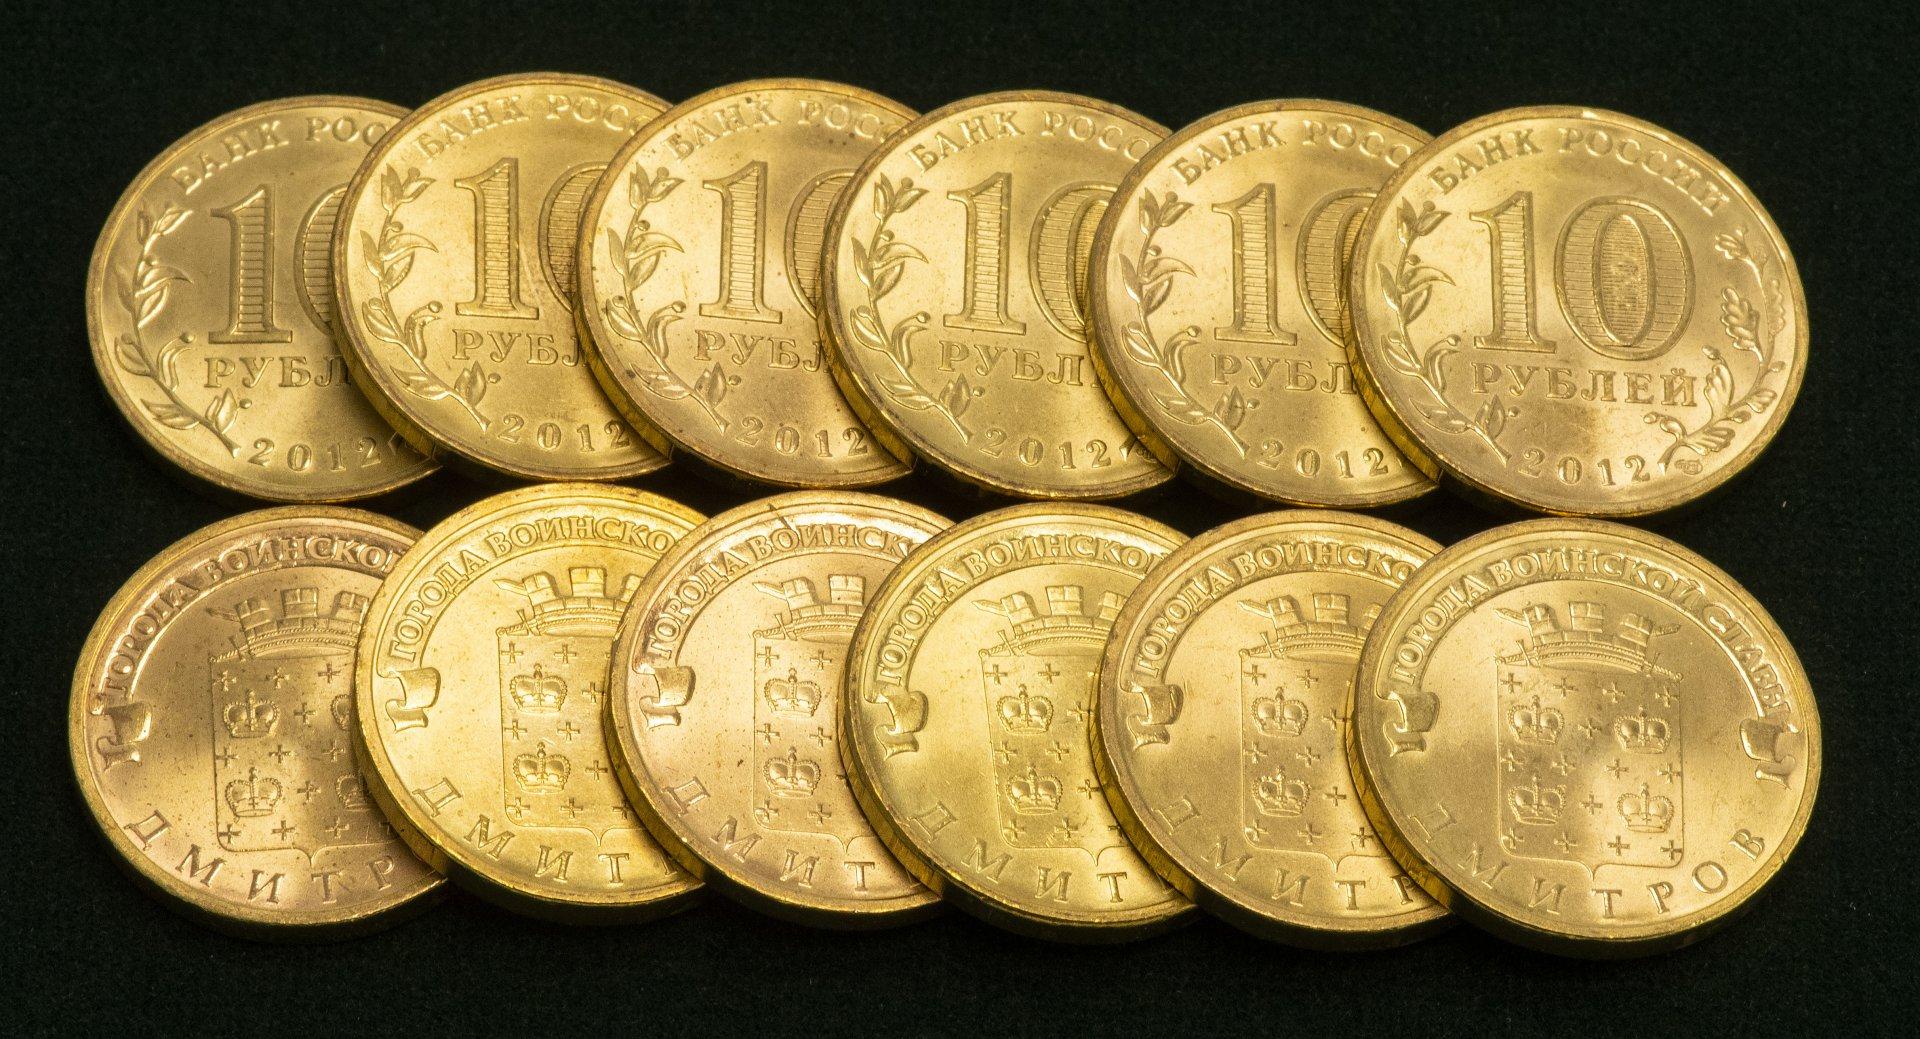 Памятные монеты: особенности изготовления и сфера применения